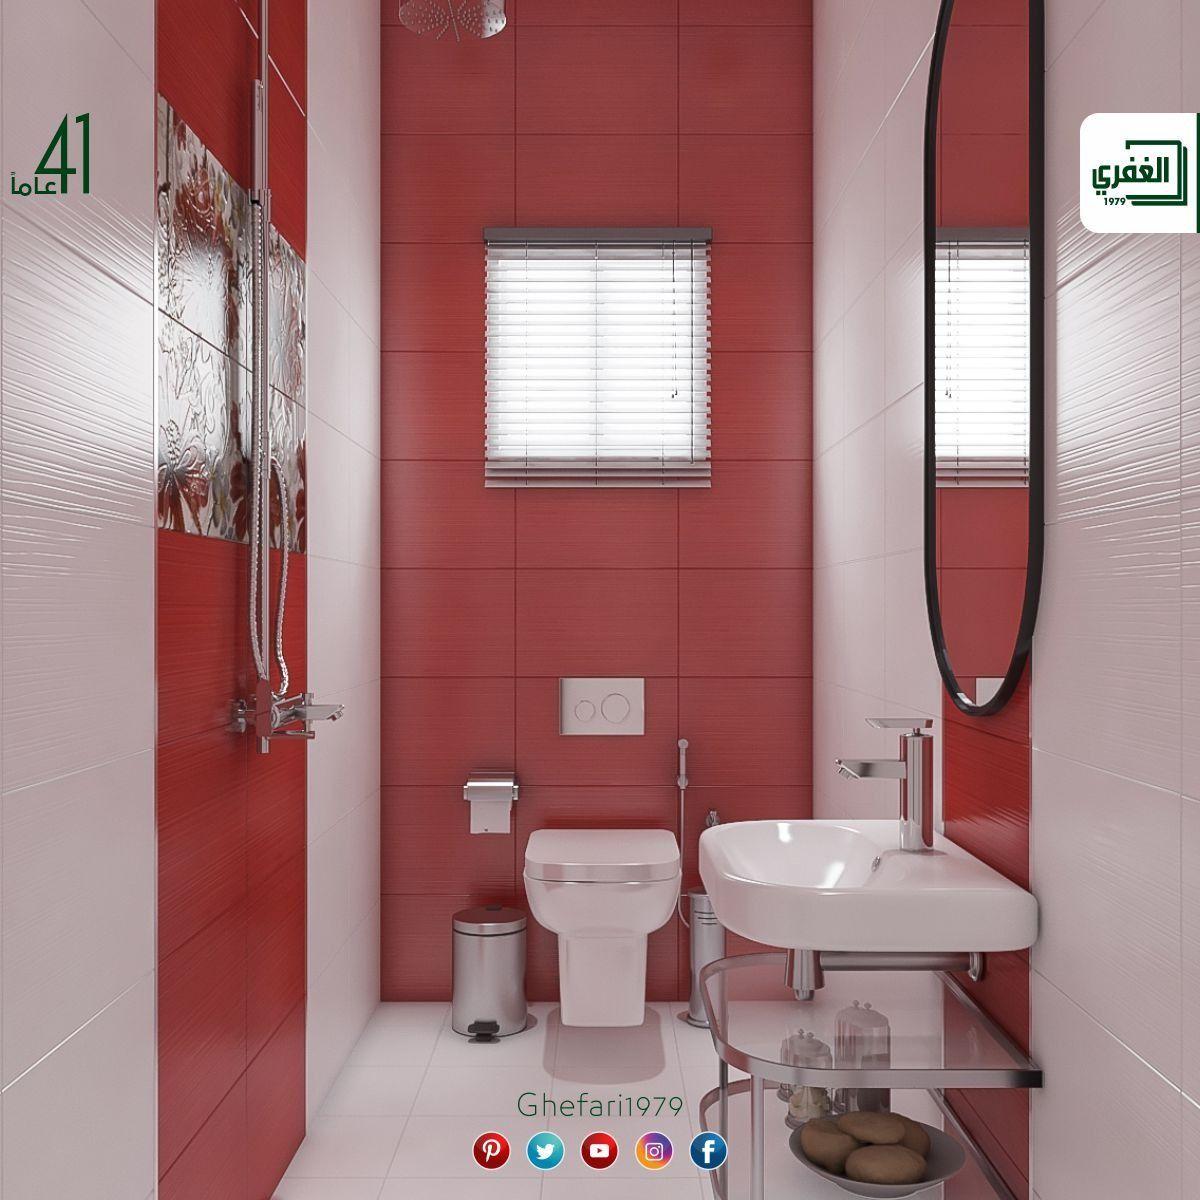 بلاط أسباني ديكور للاستخدام داخل الحمامات والمطابخ للمزيد زورونا على موقع الشركة Https Www Ghefari Com Ar Lux واتس اب 00972599417956 Lux Toilet Bathroom